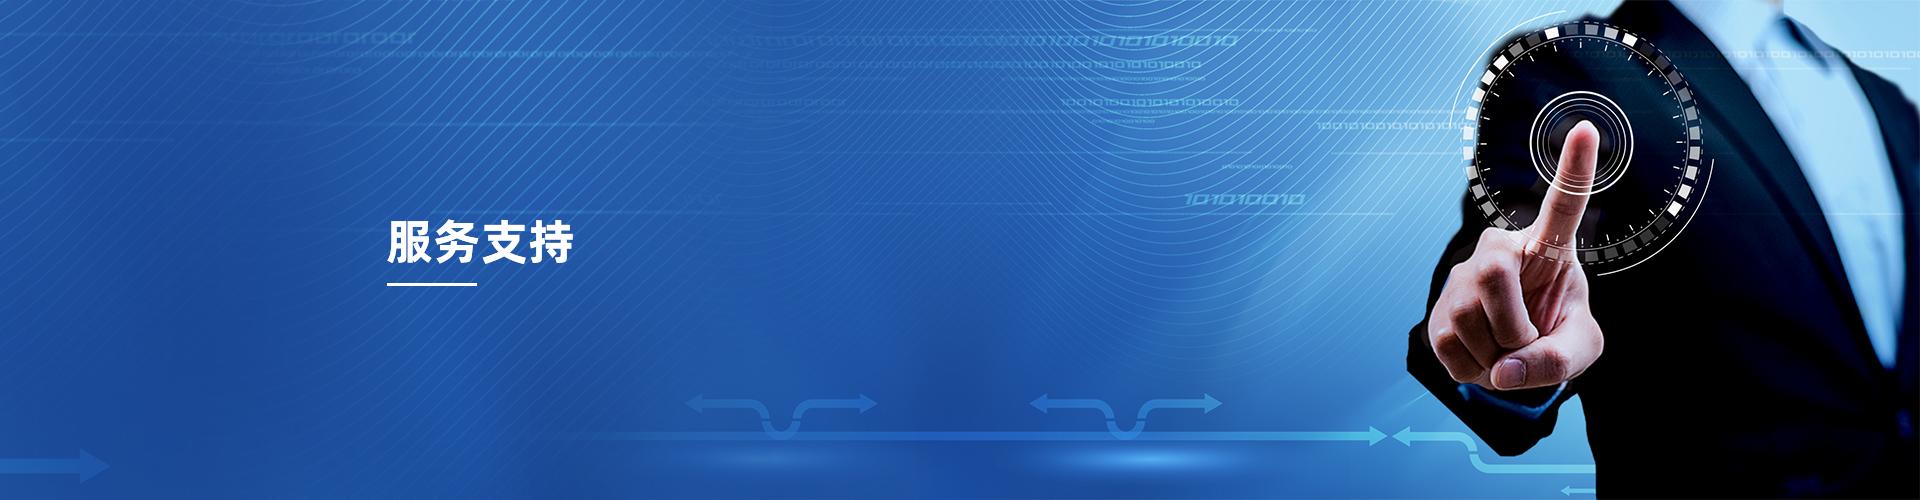 智能振动光纤